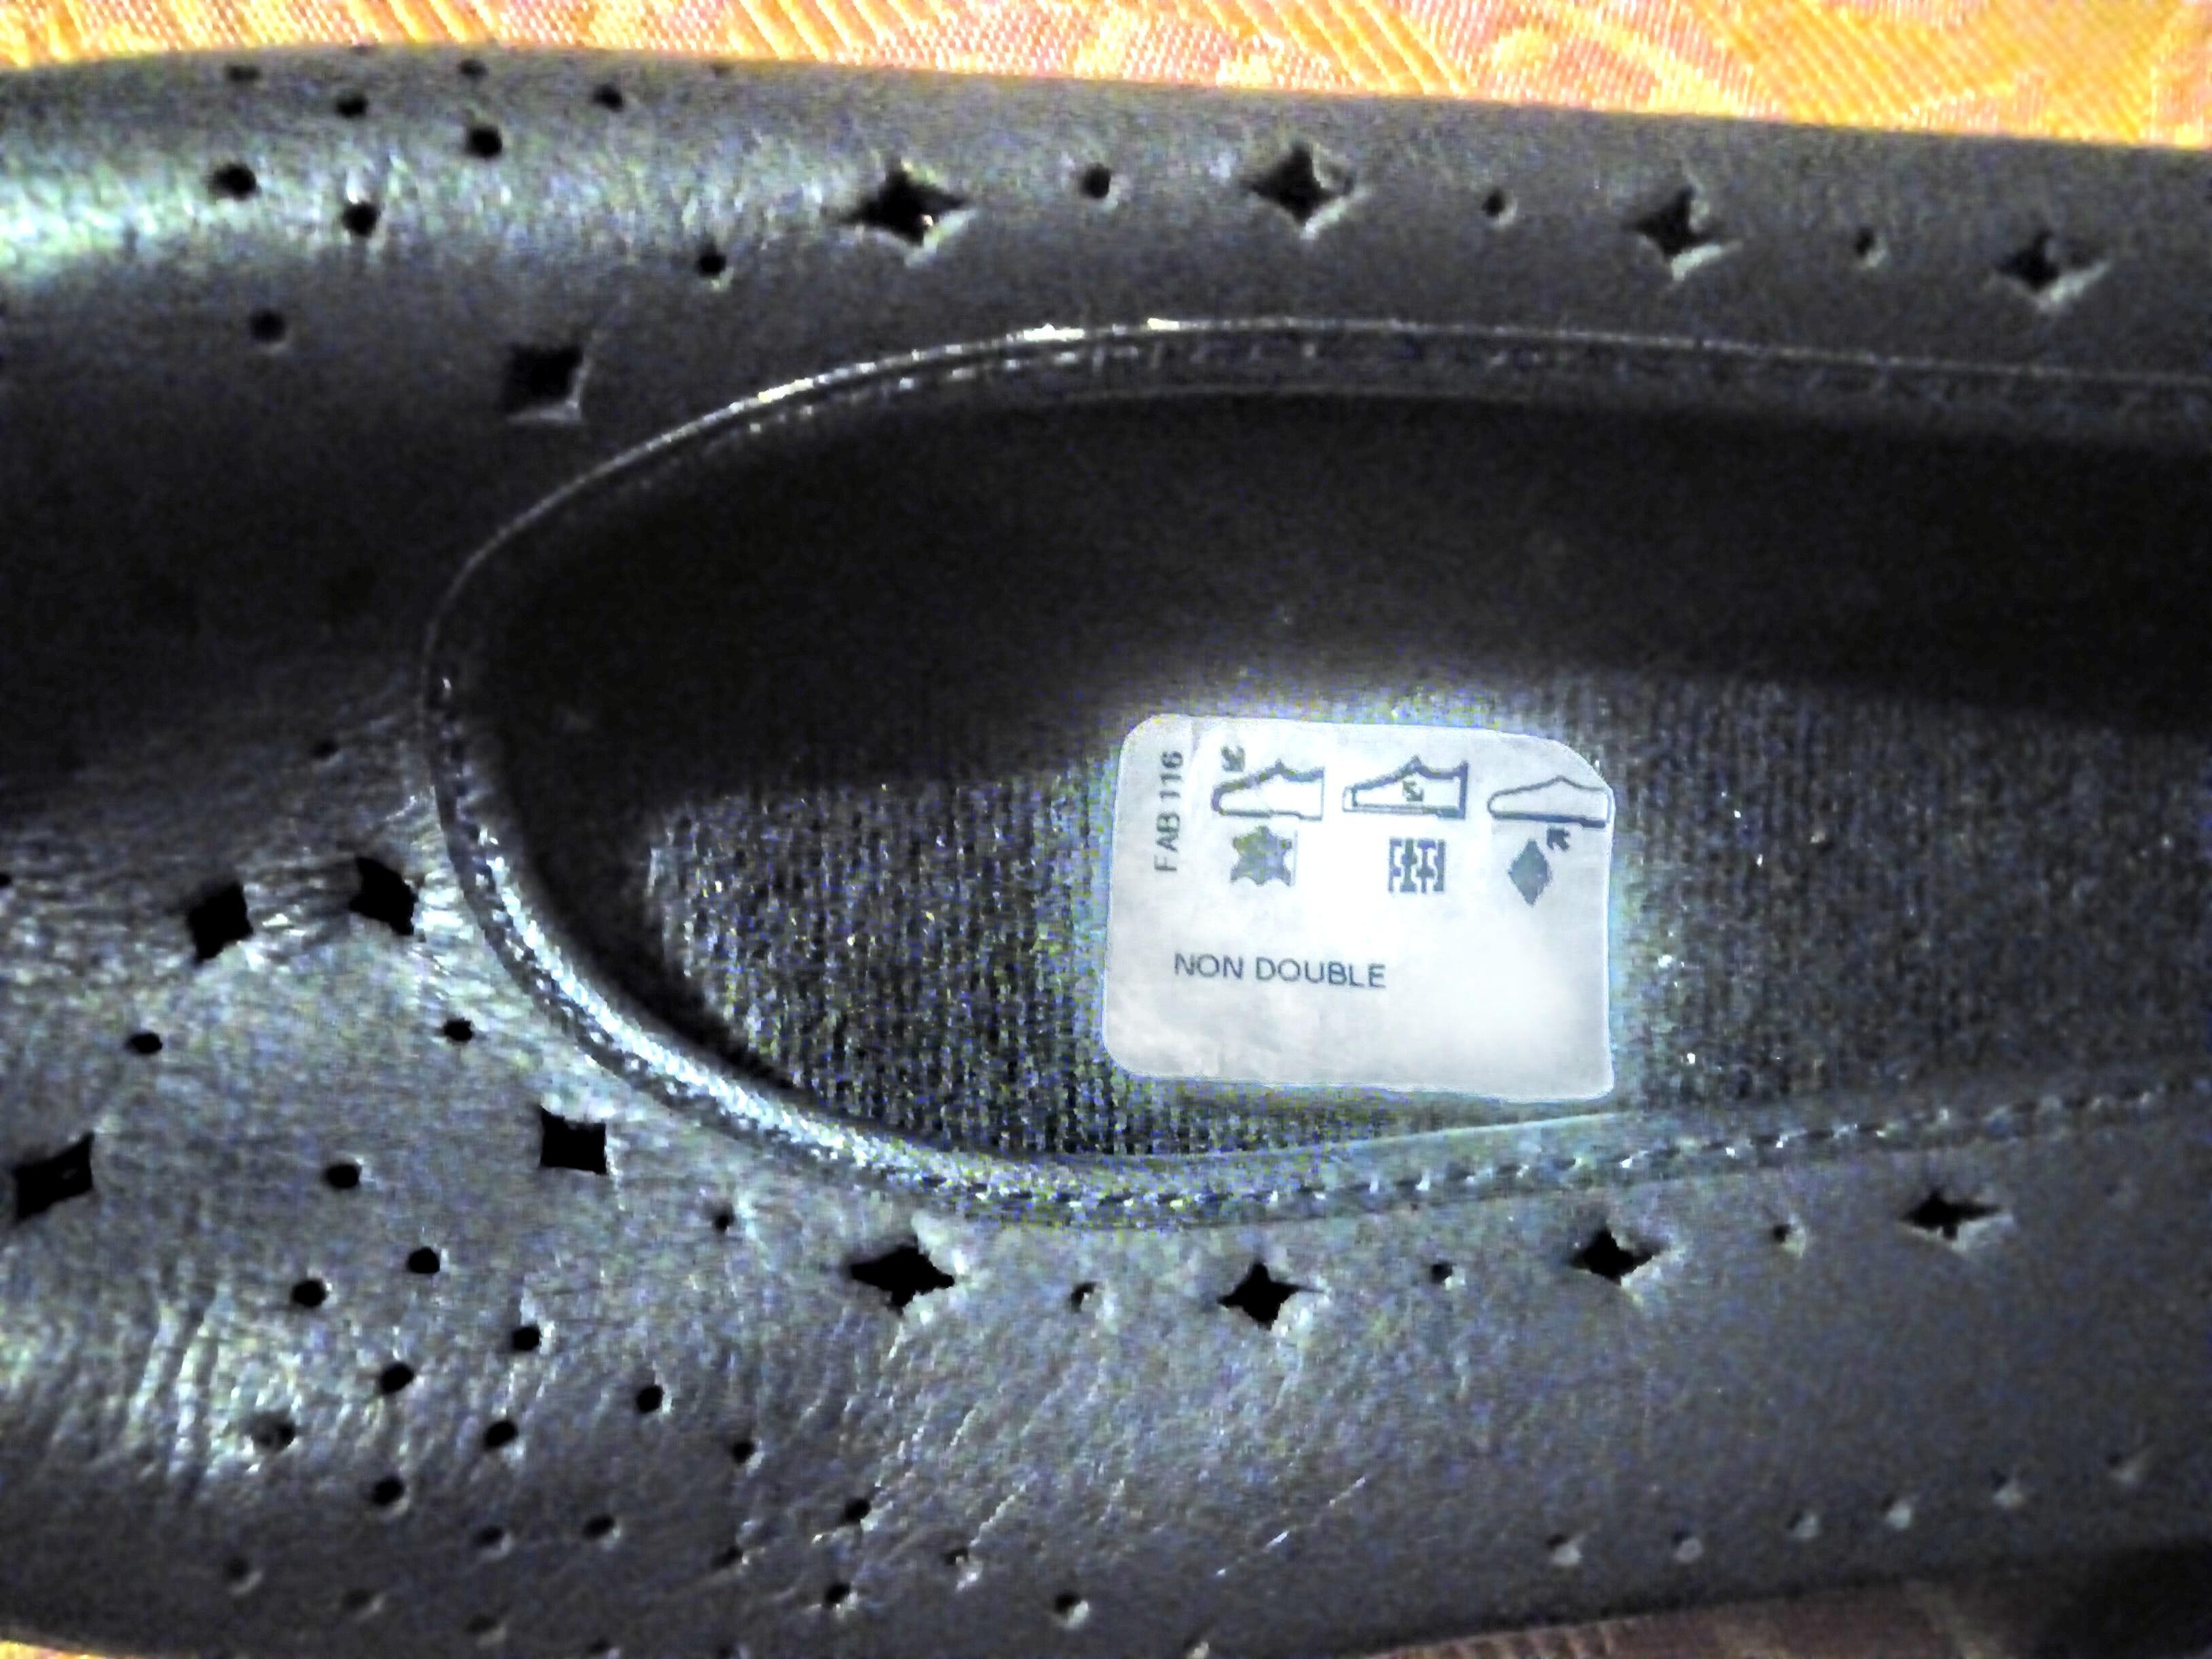 troc de troc chaussures marine t. 40 image 2